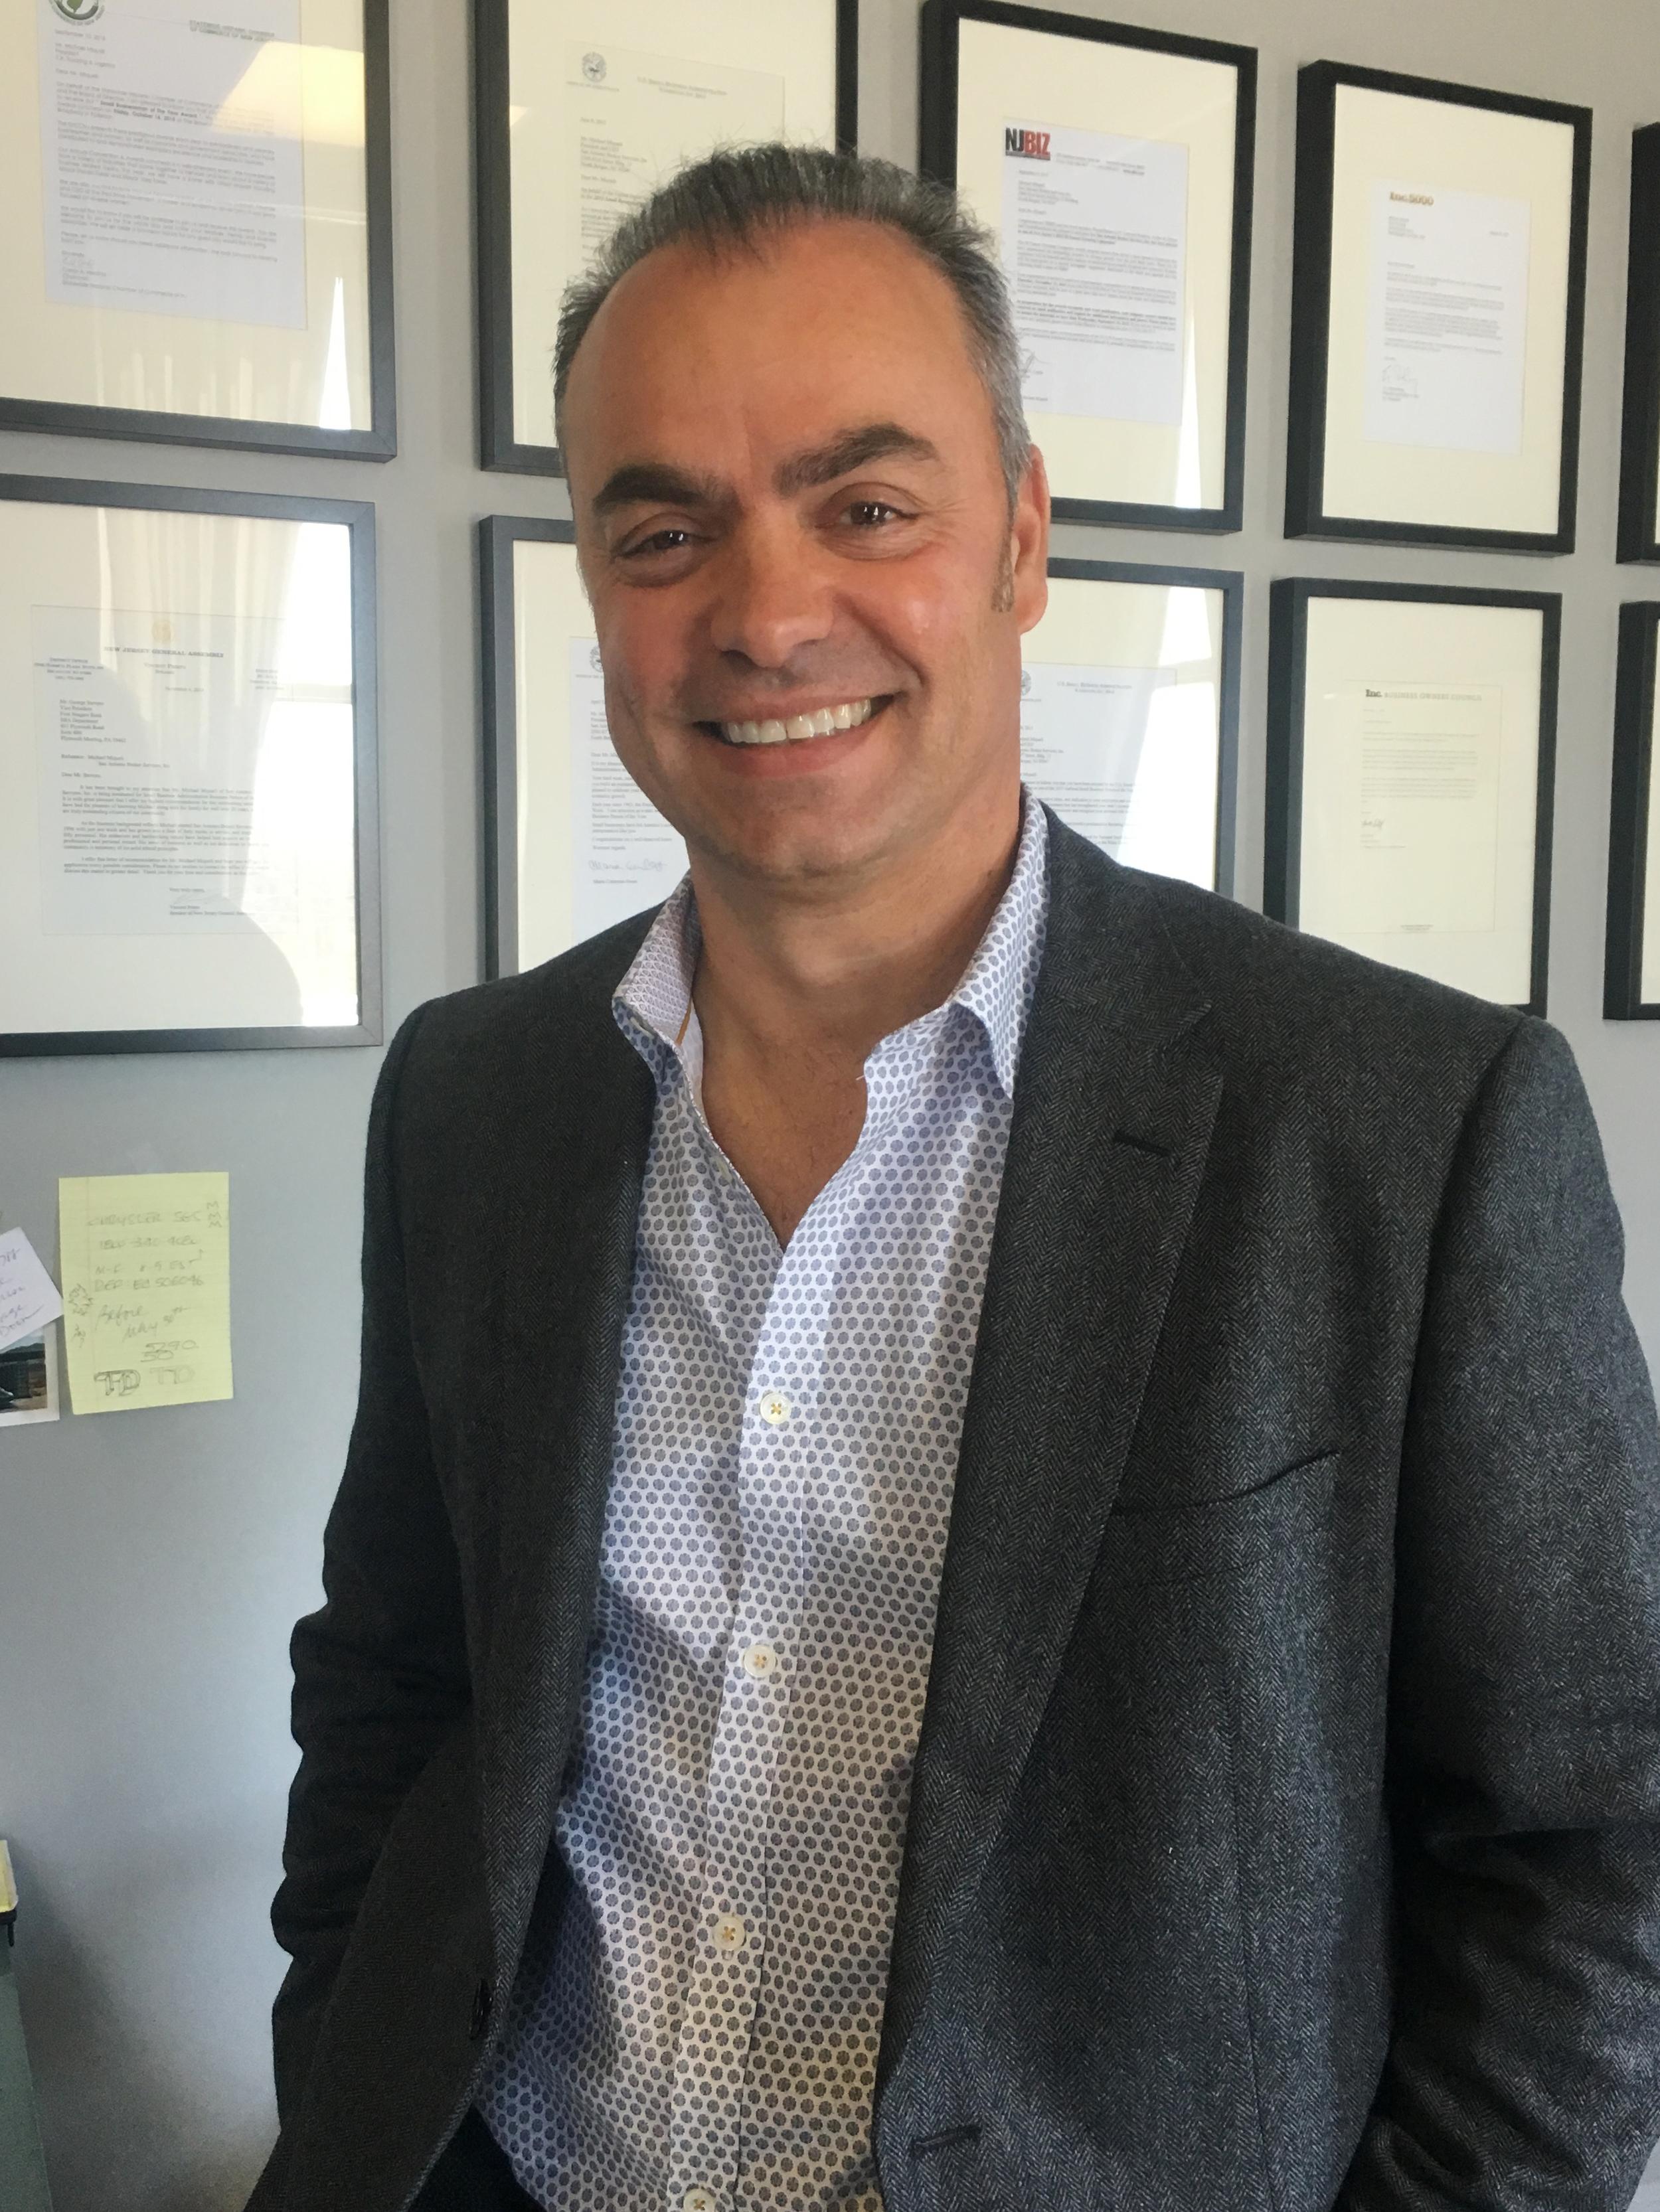 Michael Miqueli